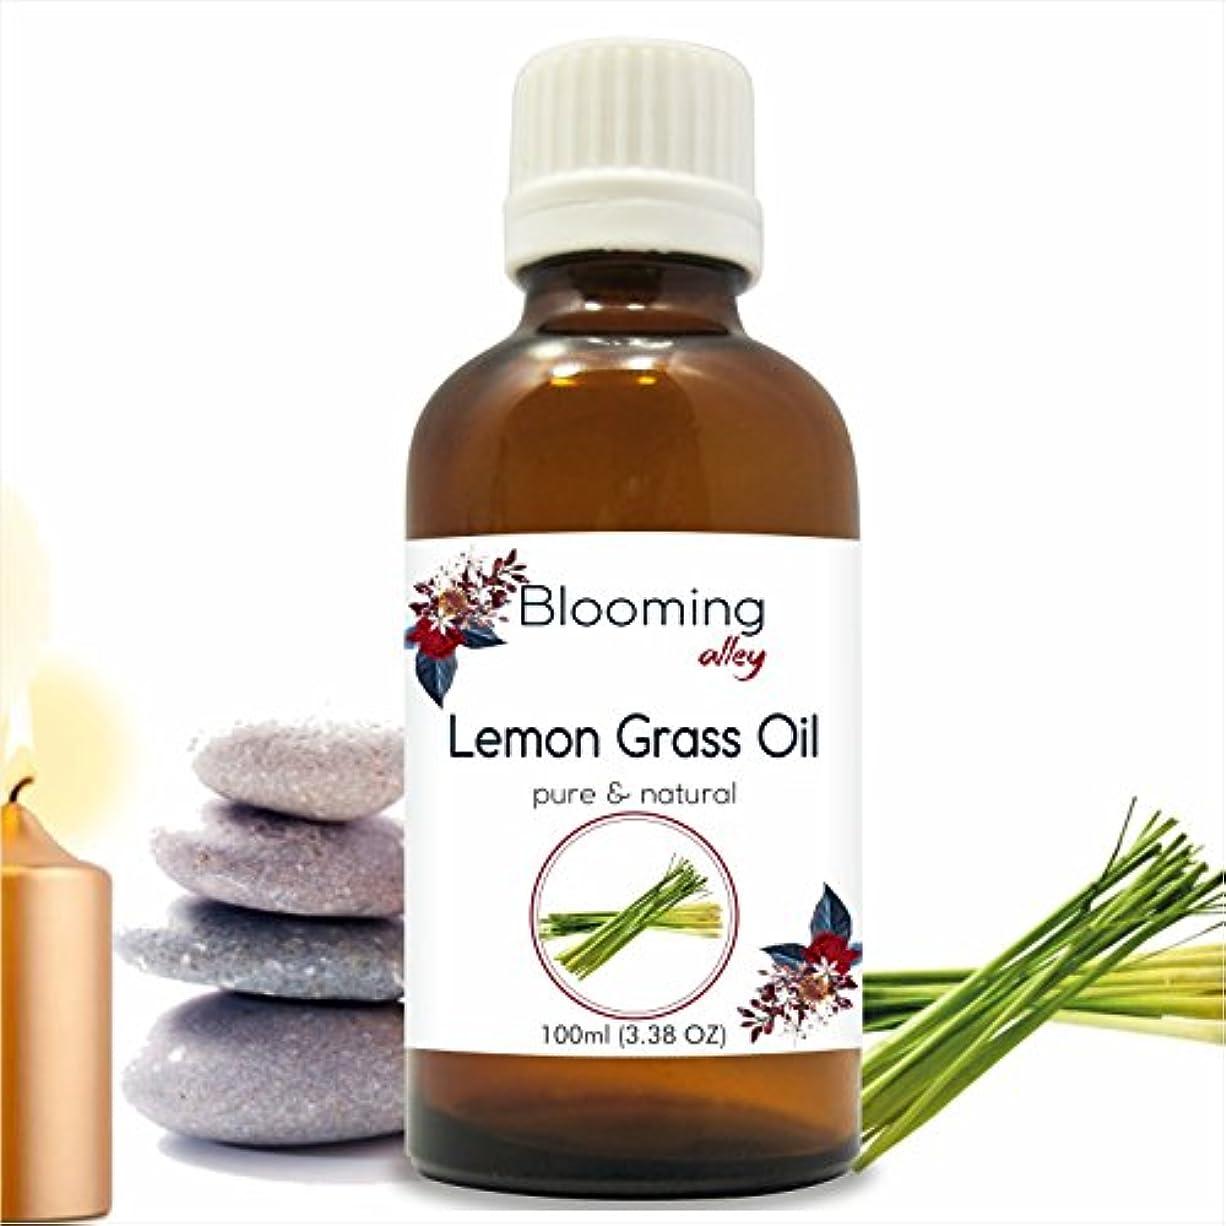 現代のインセンティブ便利Lemon Grass Oil (Cymbopogon Citratus) Essential Oil 100 ml or 3.38 Fl Oz by Blooming Alley